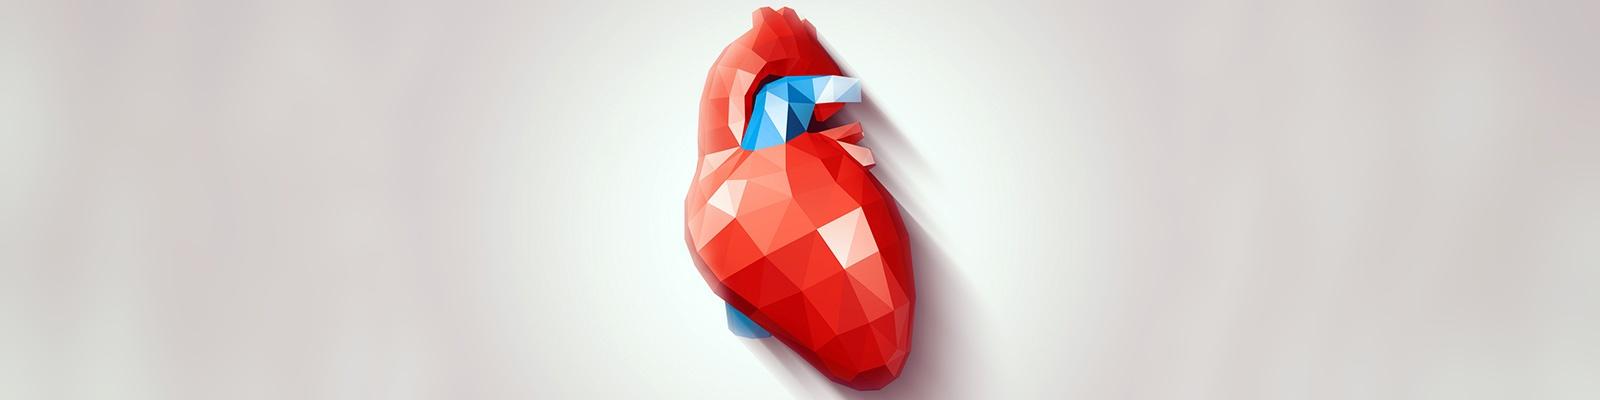 心臓 イメージ